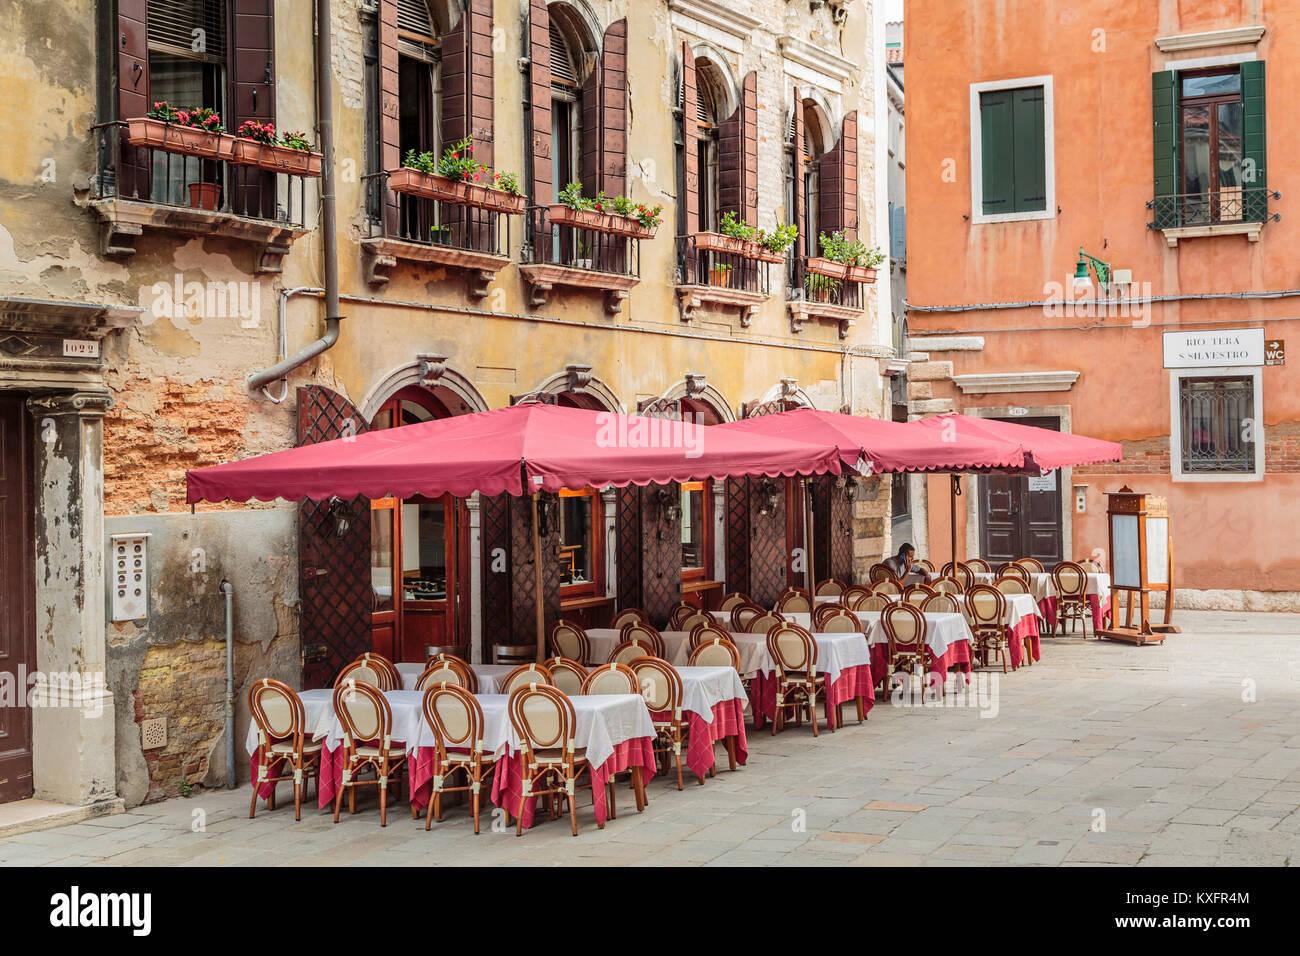 Hay un restaurante al aire libre en el Veneto, Venecia, Italia, Europa. Imagen De Stock